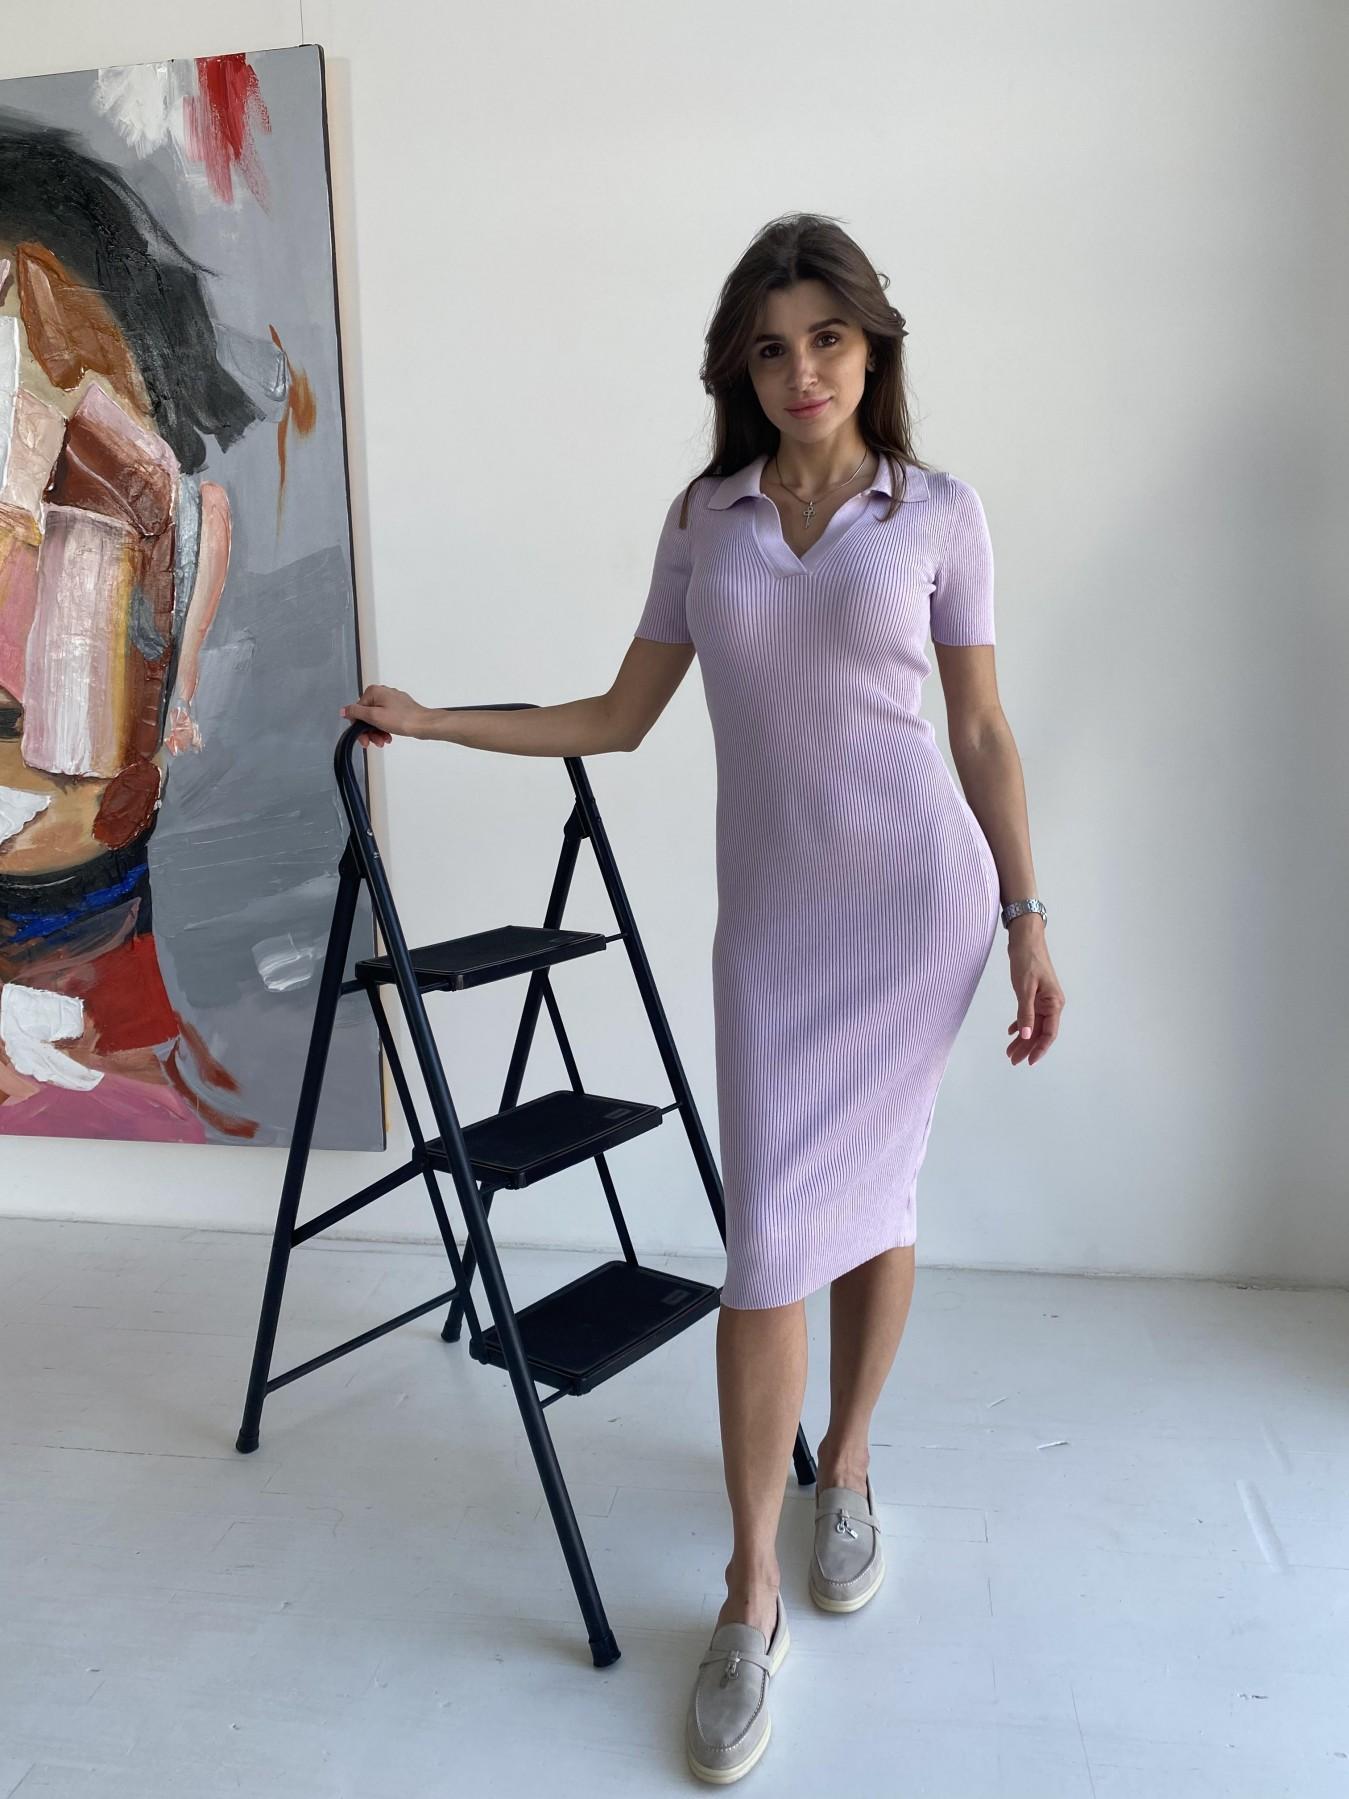 Платье воротник 91688 АРТ. 48064 Цвет: Сирень - фото 5, интернет магазин tm-modus.ru